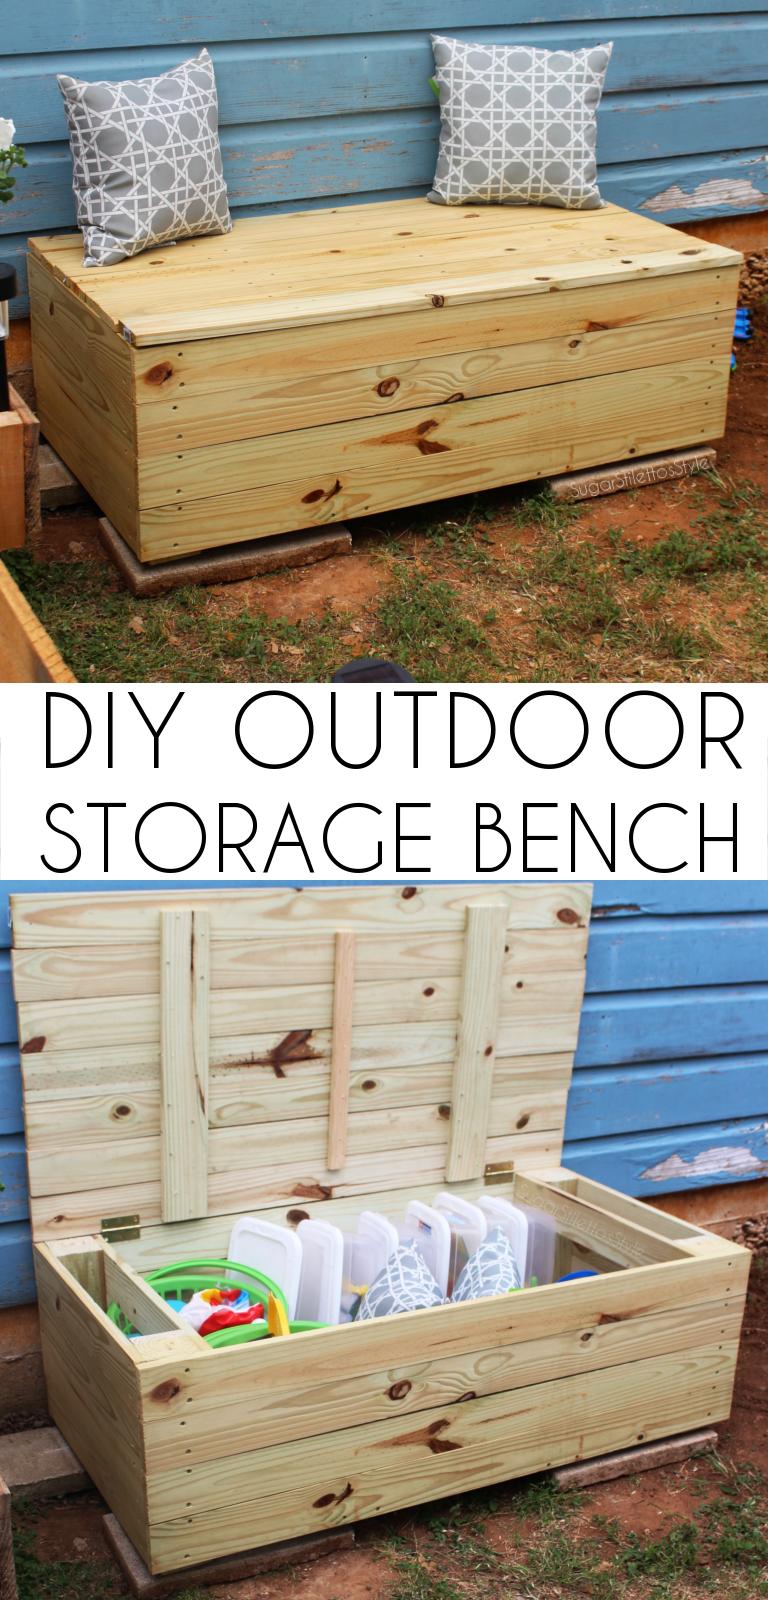 DIY Outdoor Storage Bench, Outdoor Toy Box Diy outdoor toys